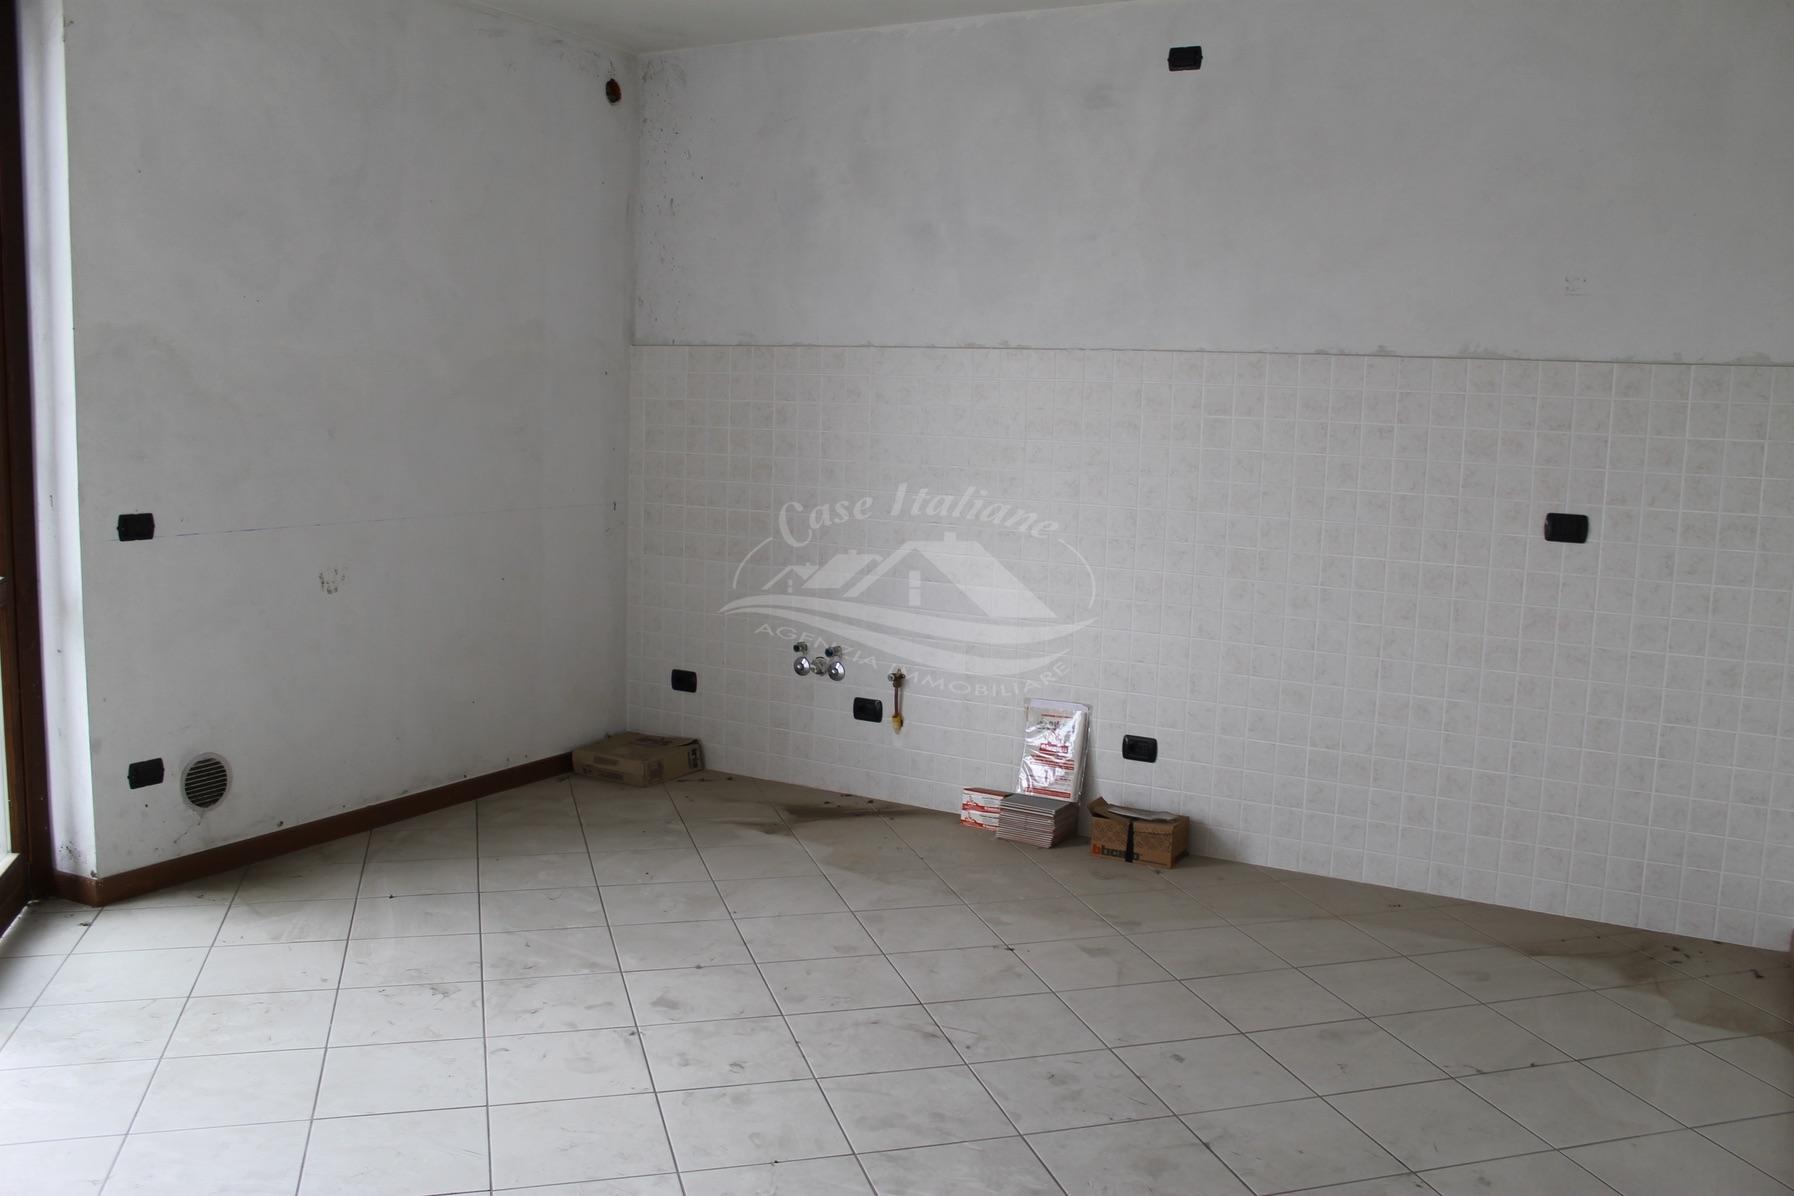 Foto immobili 3067 case italiane agenzia immobiliare cant for Case italiane immobiliare